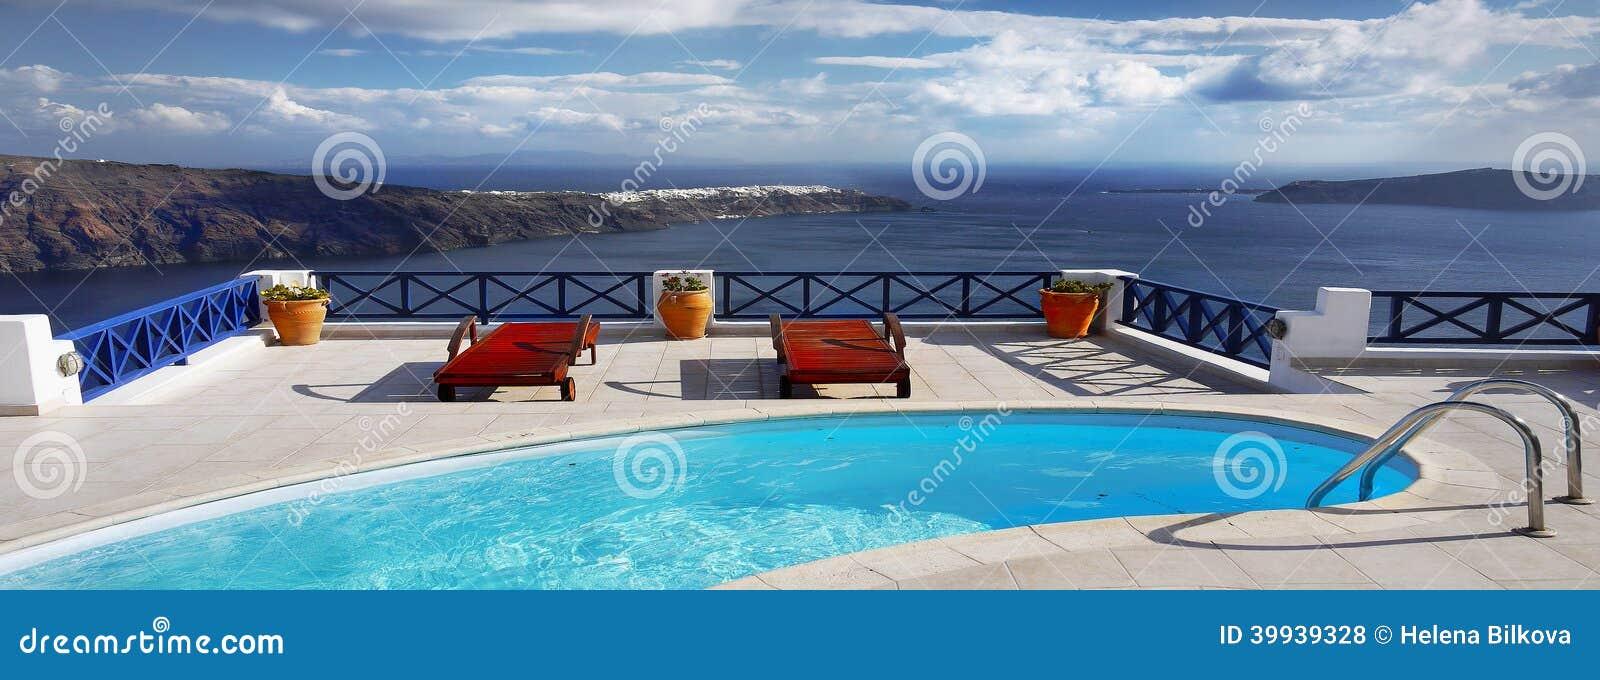 Terapia de relajación de la piscina del balneario del jefe